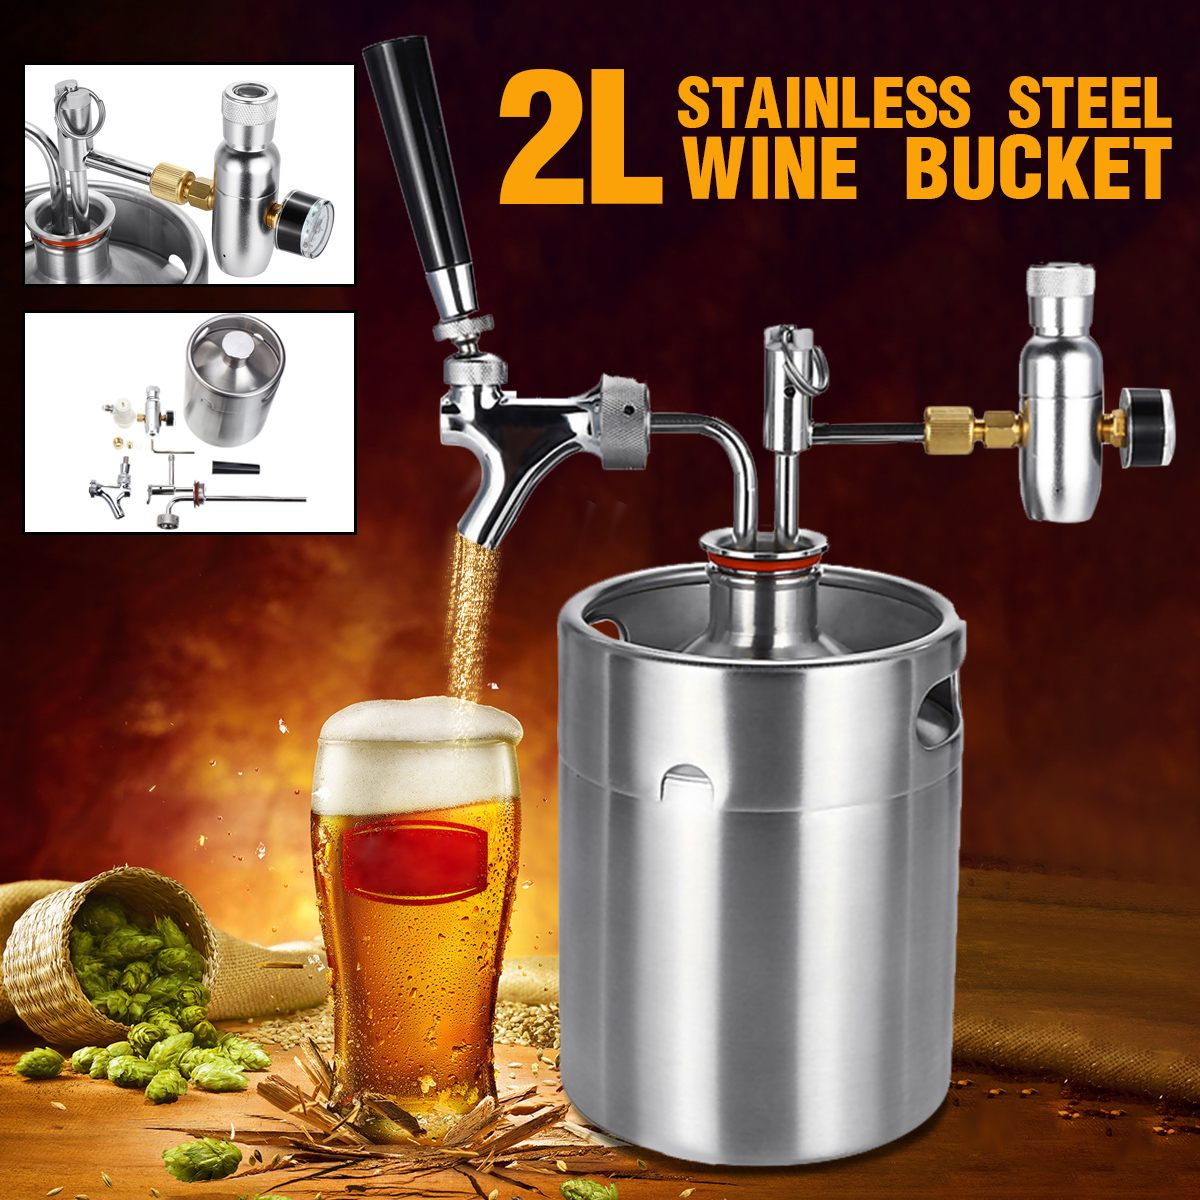 2L Duurzaam Rvs Wijn Bier Vaatje Thuis Bier Dispenser Growler Bier Brouwen Craft Mini Biervat Met Kraan Onder Druk